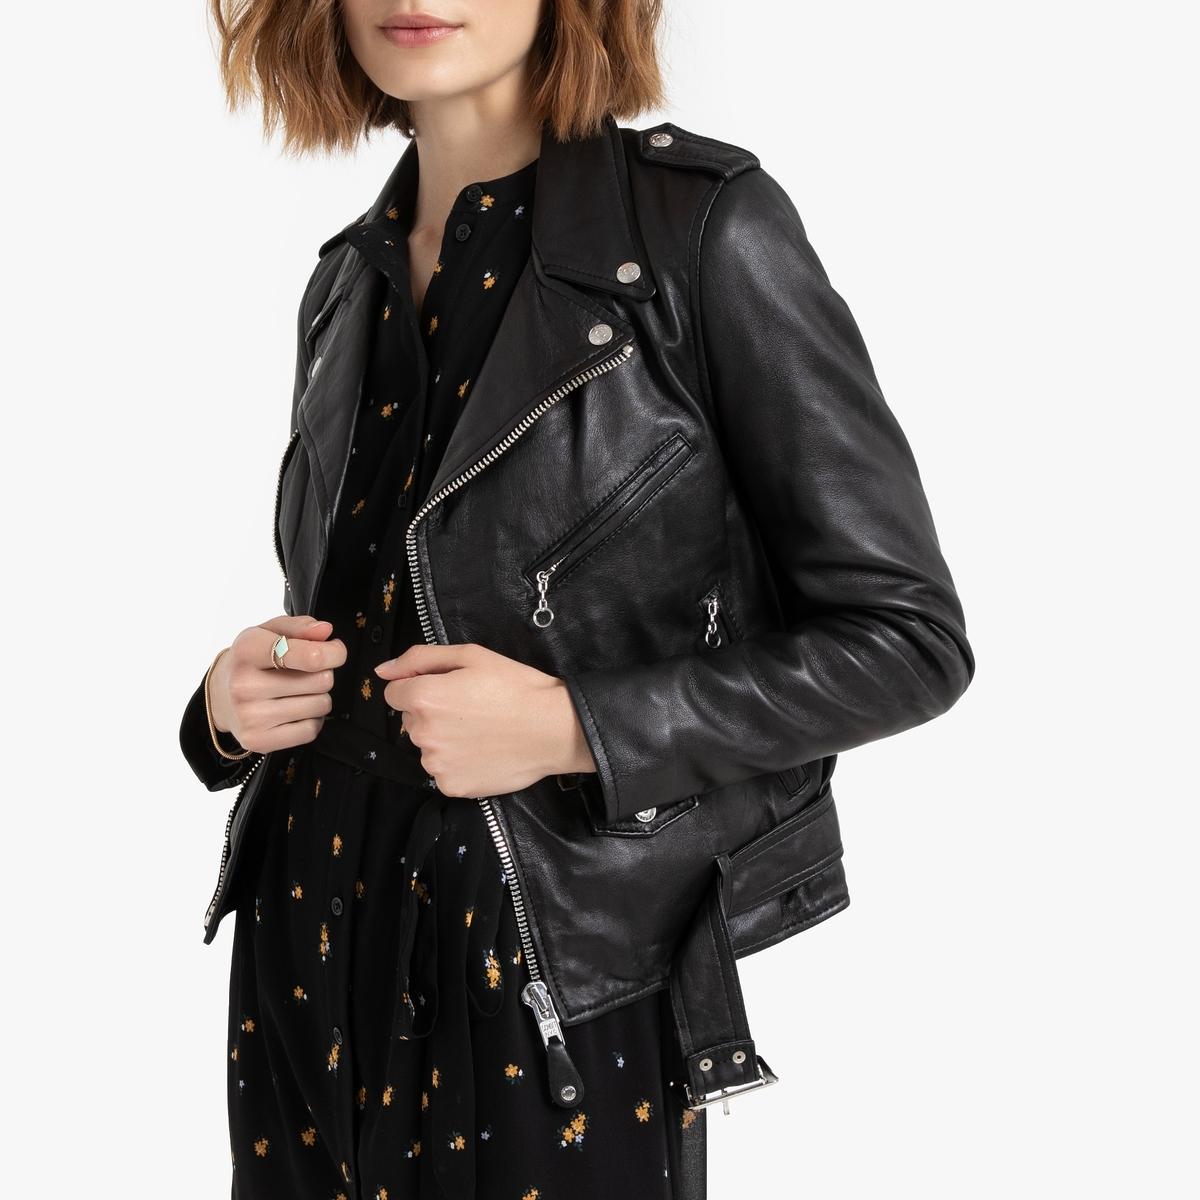 Куртка La Redoute В байкерском стиле из кожи ягненка LCW L черный блузон la redoute в байкерском стиле ozone s черный